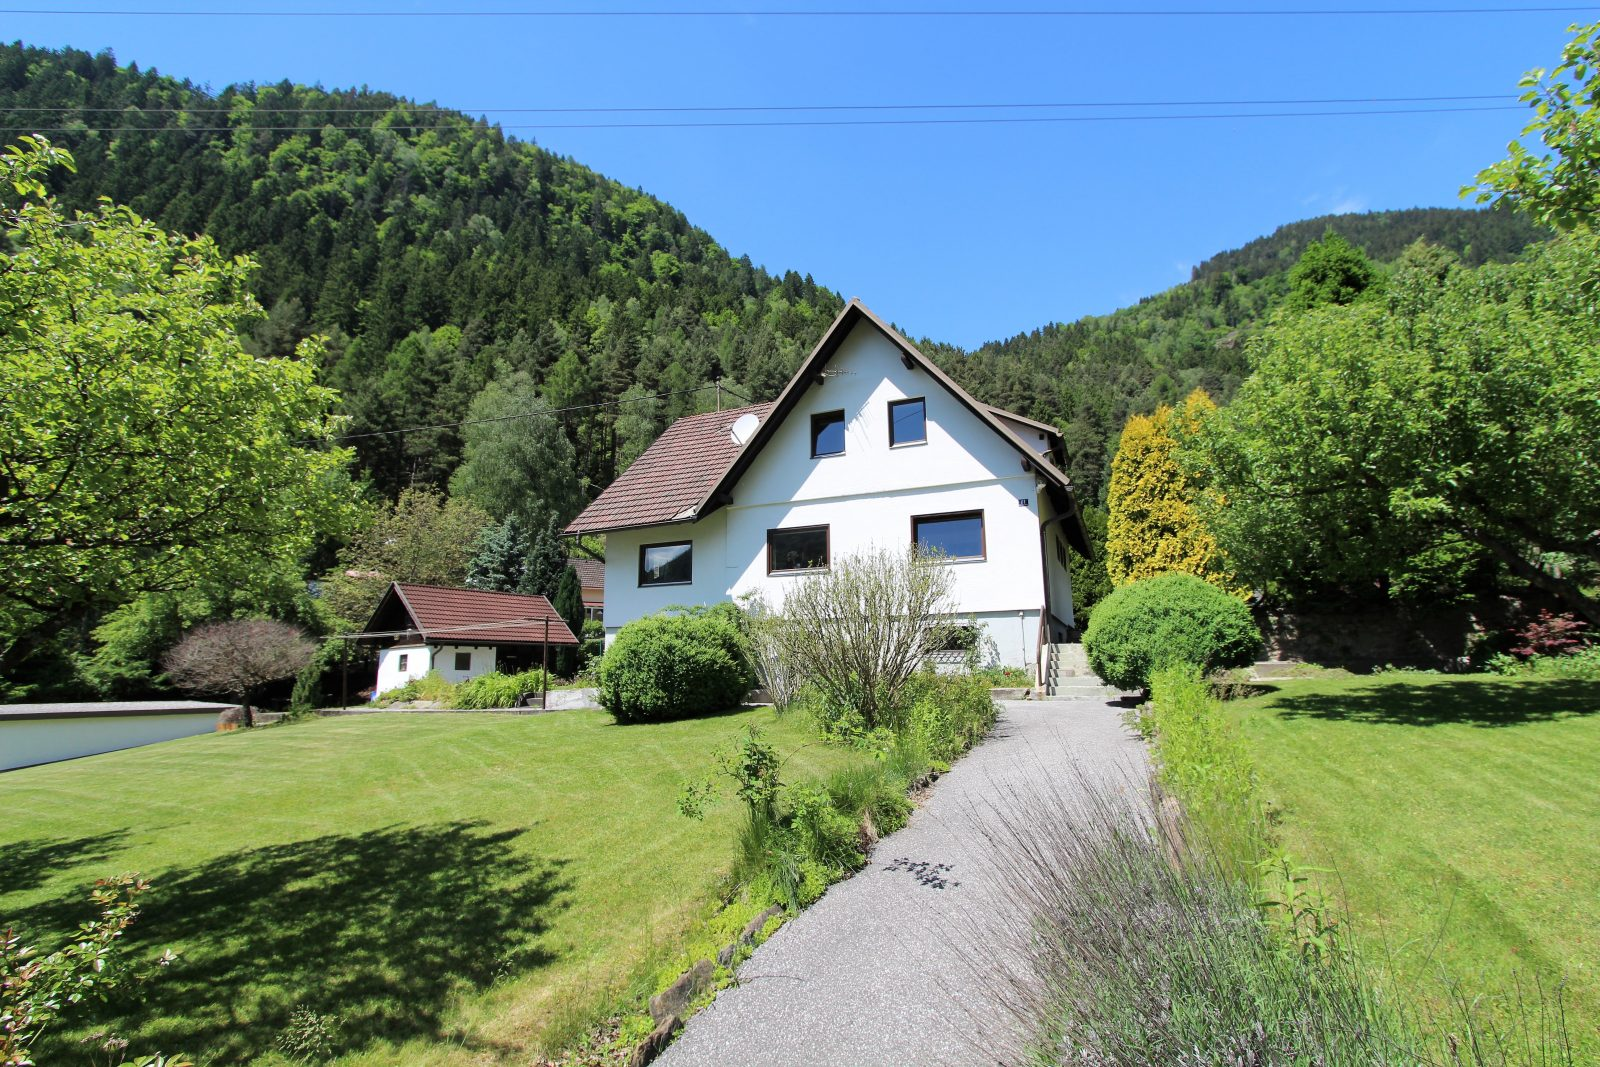 Te koop: vrijstaand huis bij de Millstättersee